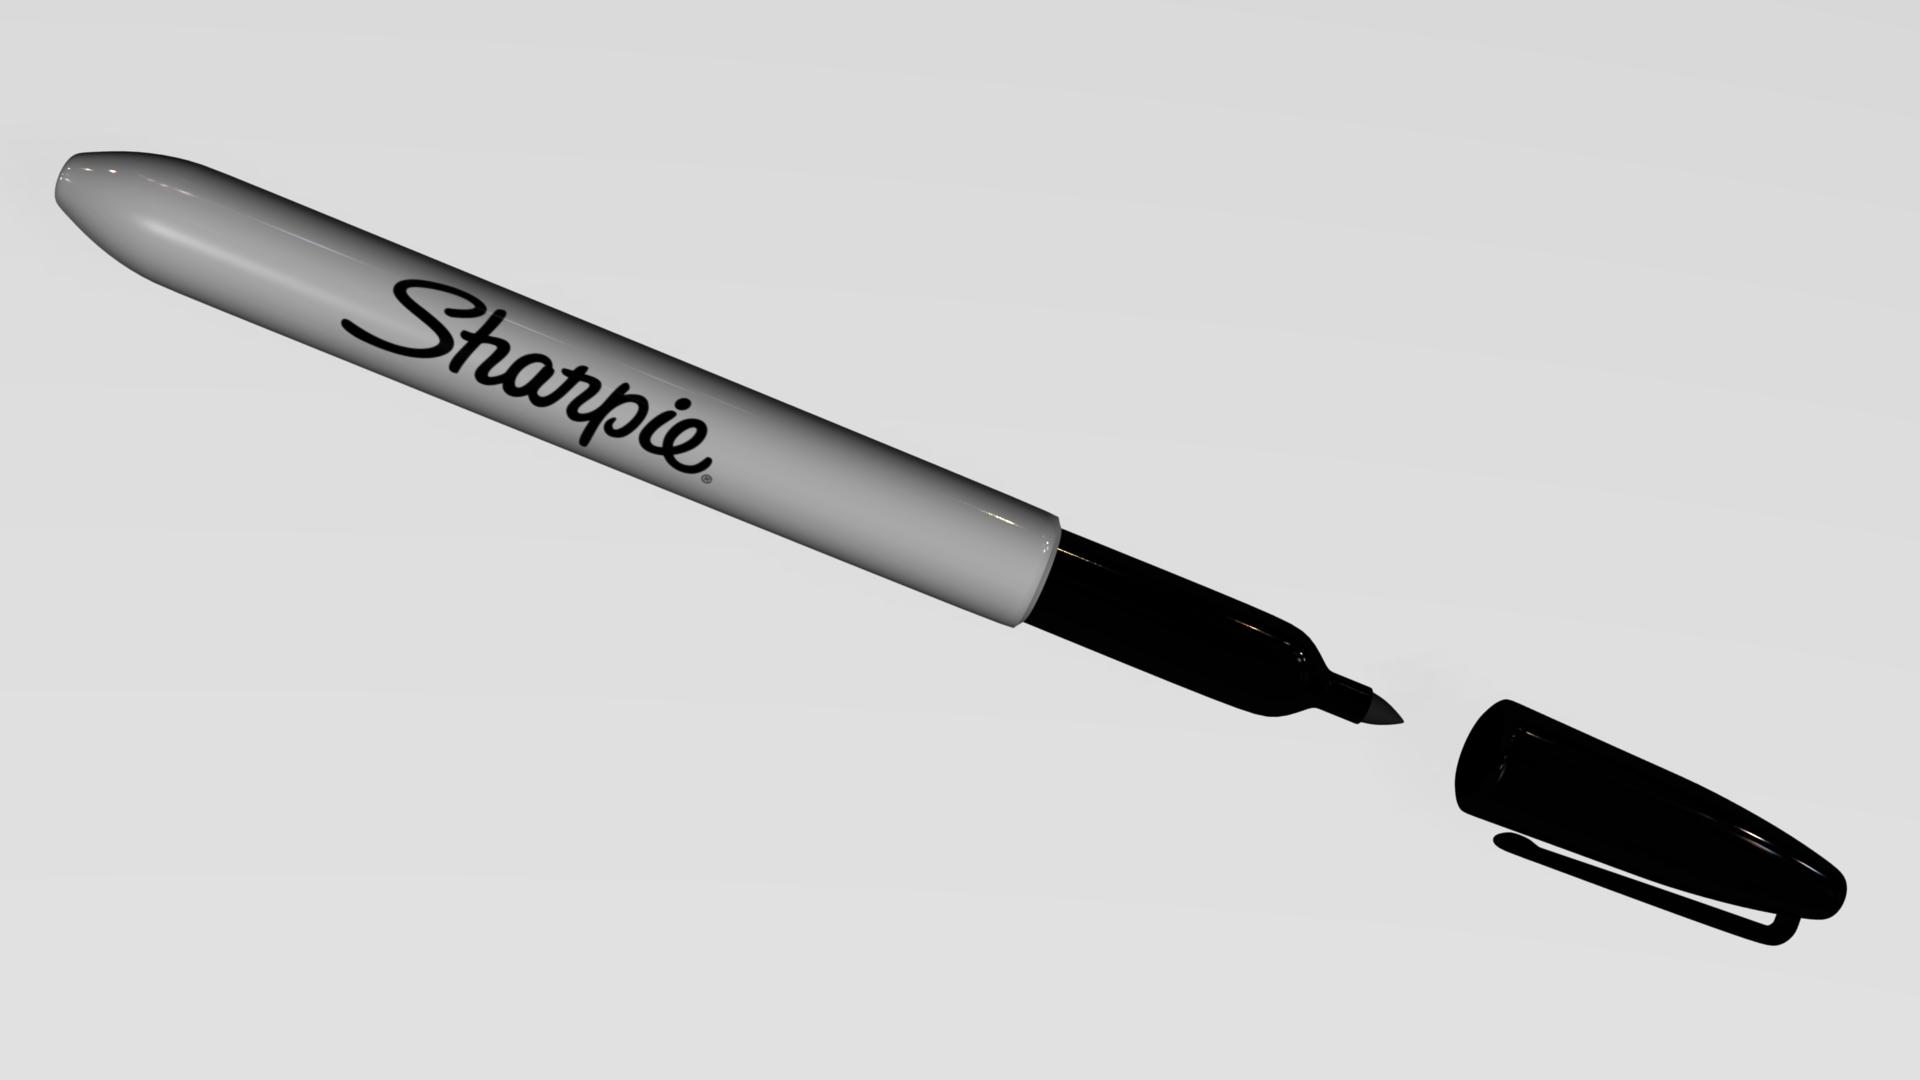 Marker clipart sharpie #15